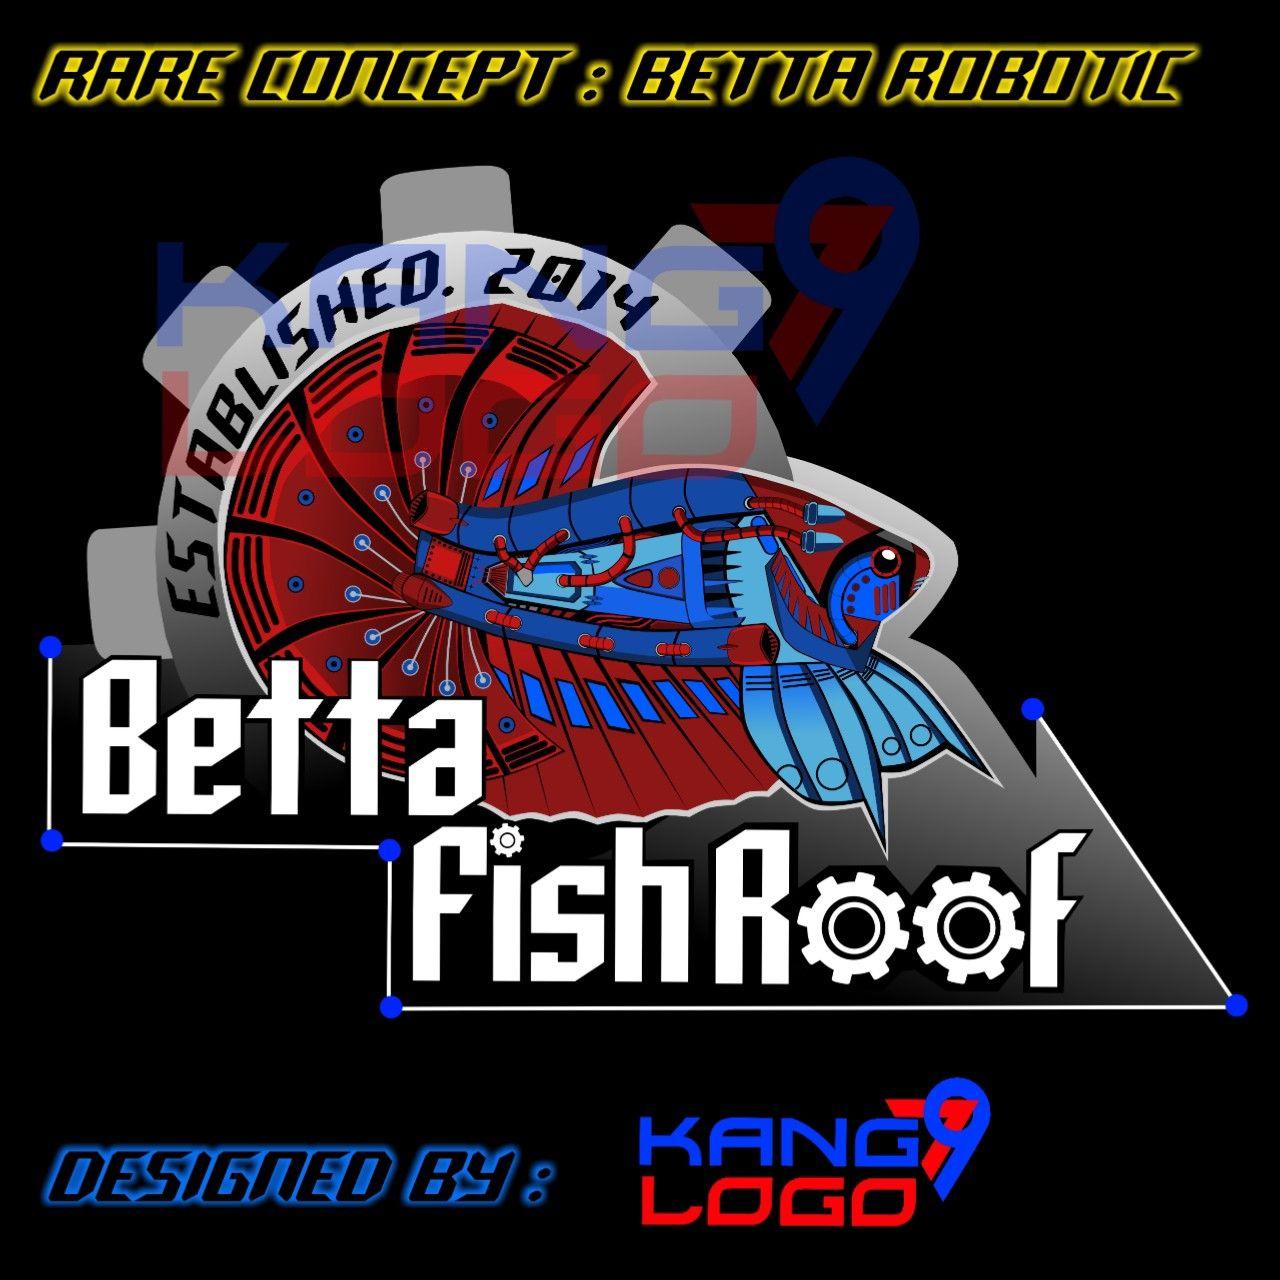 Logo Betta Robot Desain Logo Desain